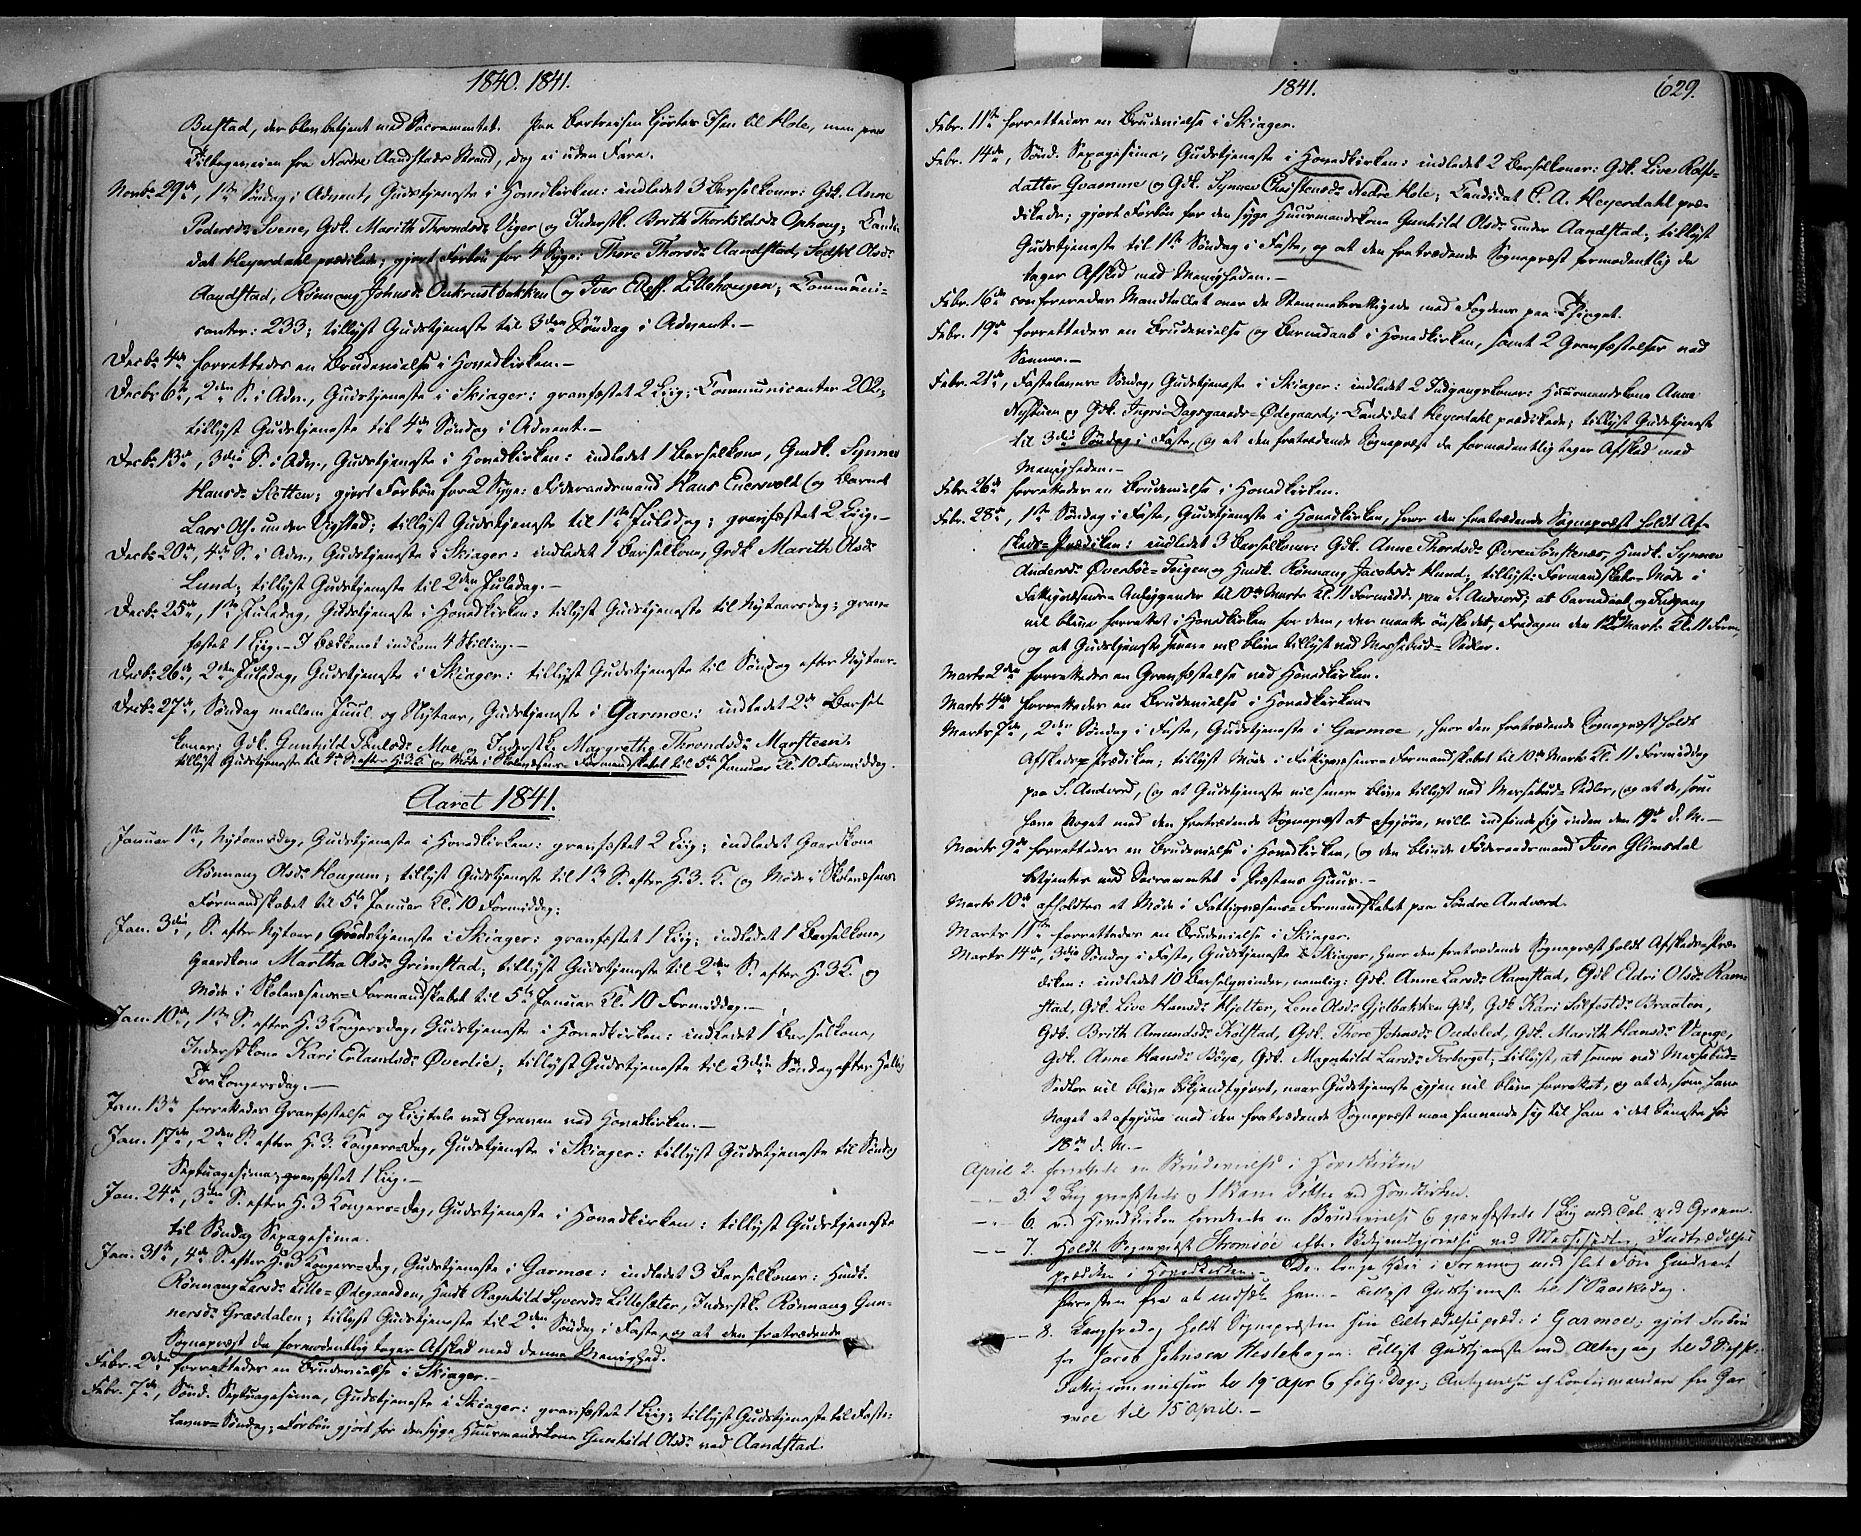 SAH, Lom prestekontor, K/L0006: Ministerialbok nr. 6B, 1837-1863, s. 629